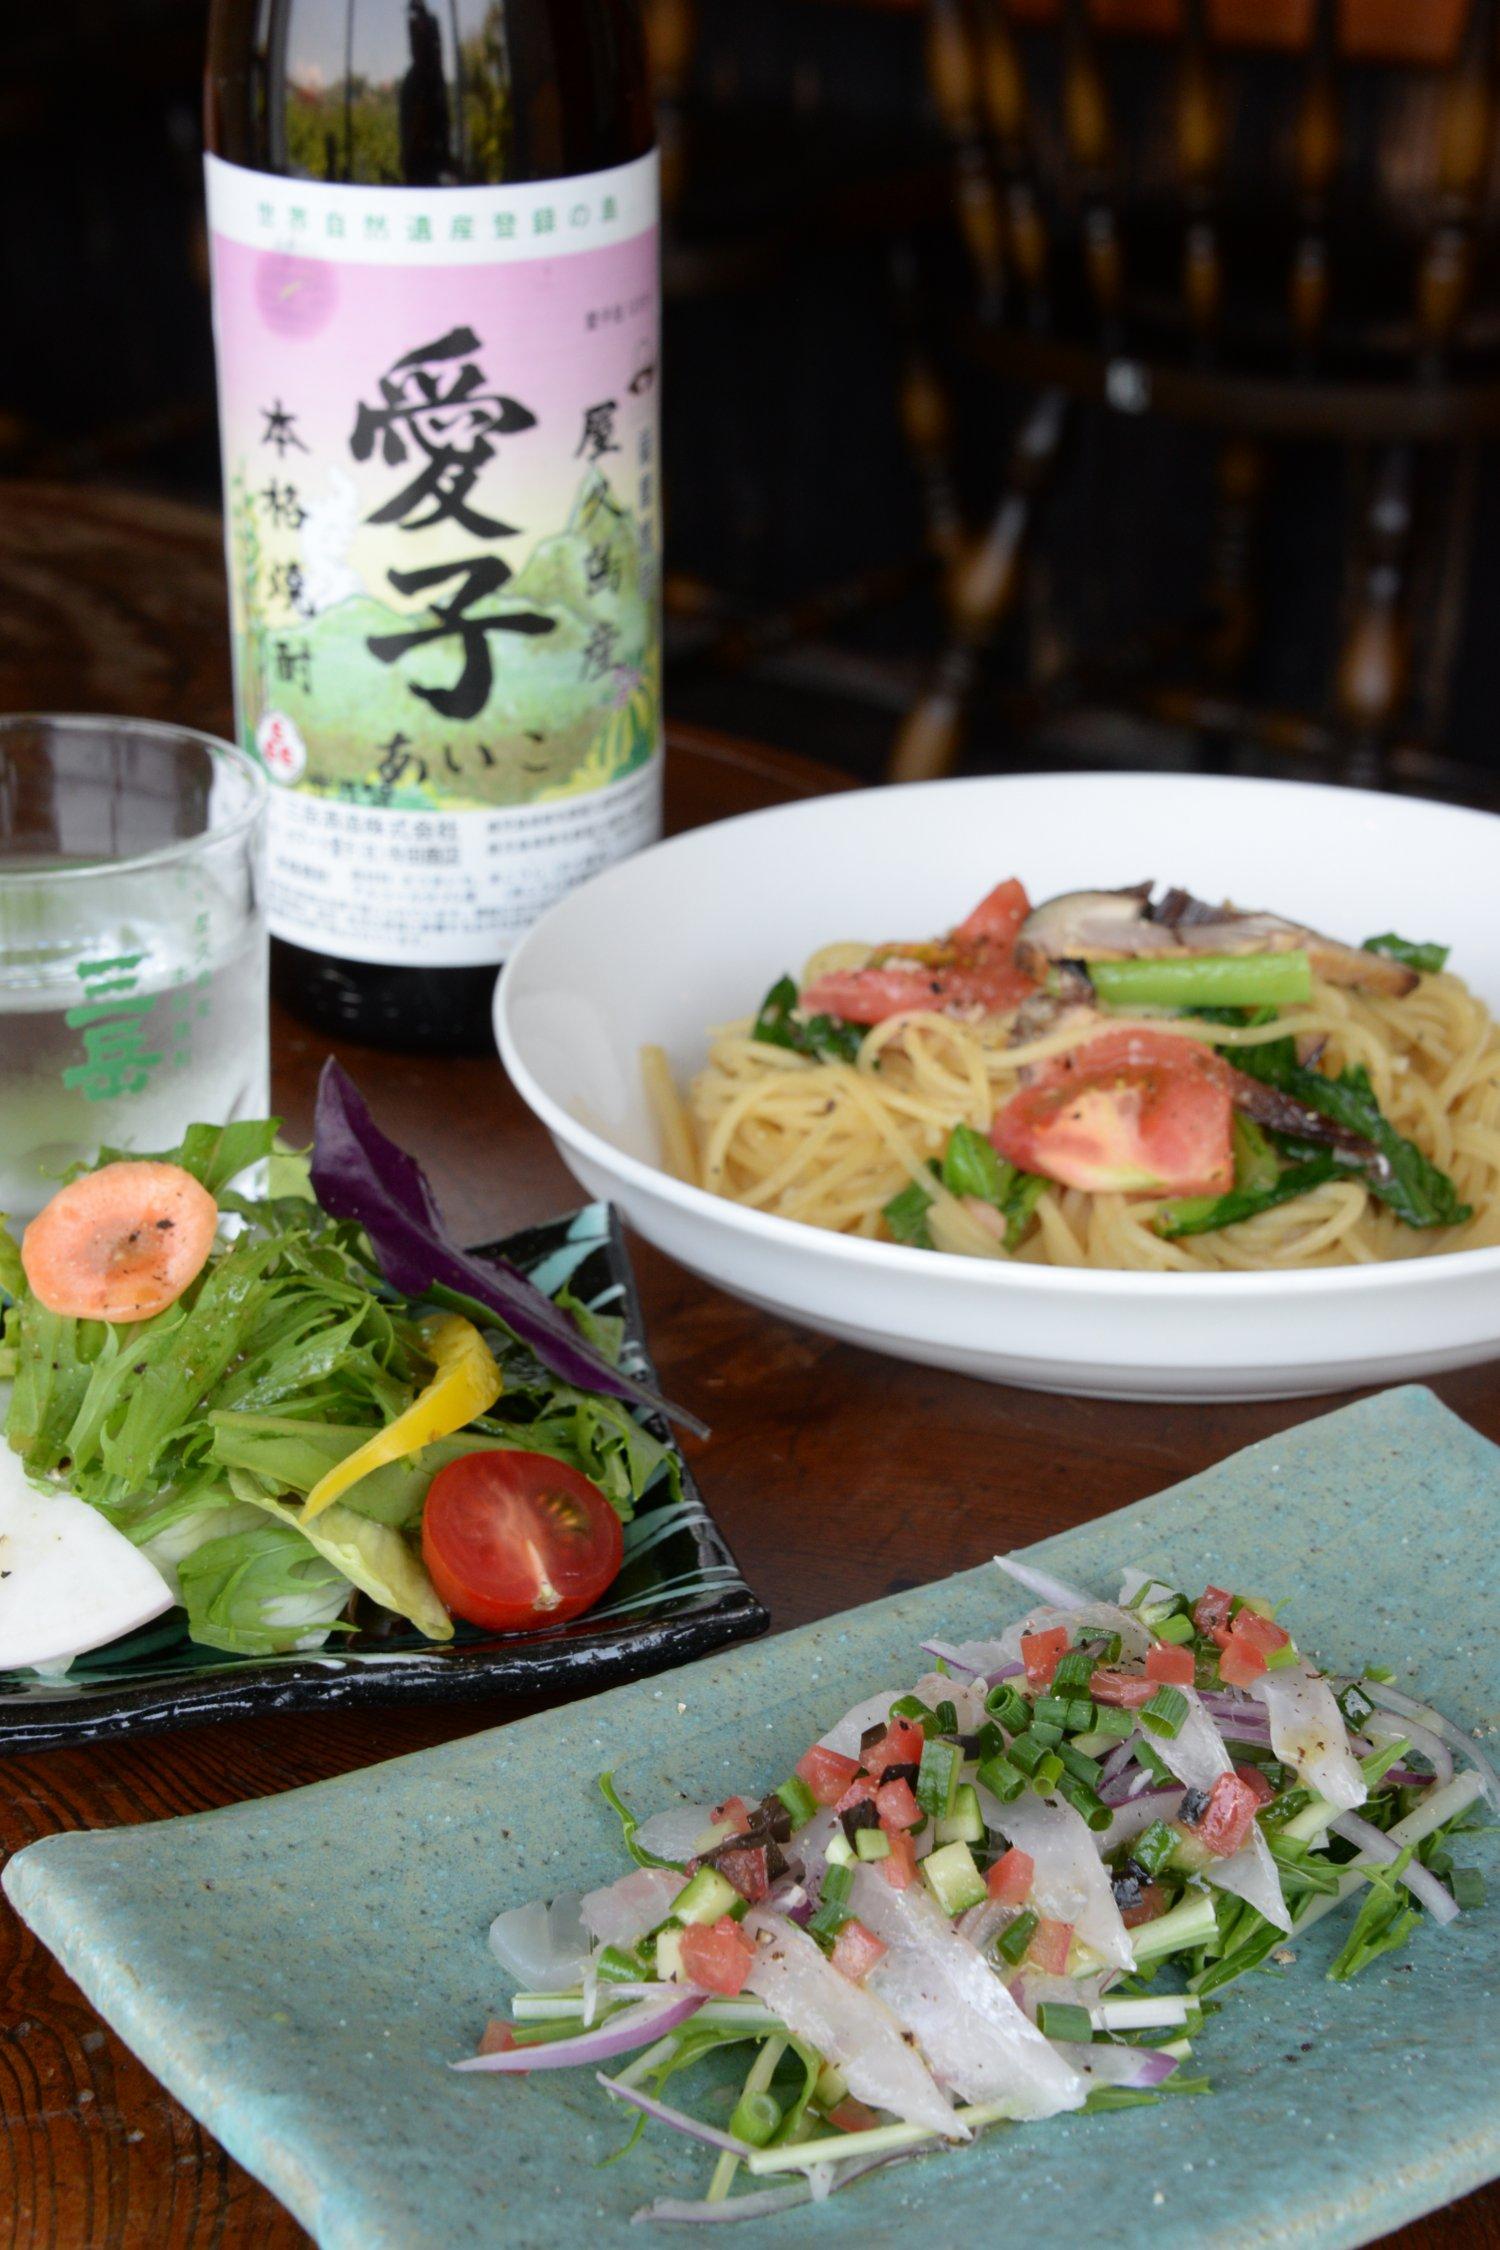 飛魚マリネと香味野菜のサラダ仕立て650円。季節のスパゲッティ850円〜。焼酎の種類も多い。